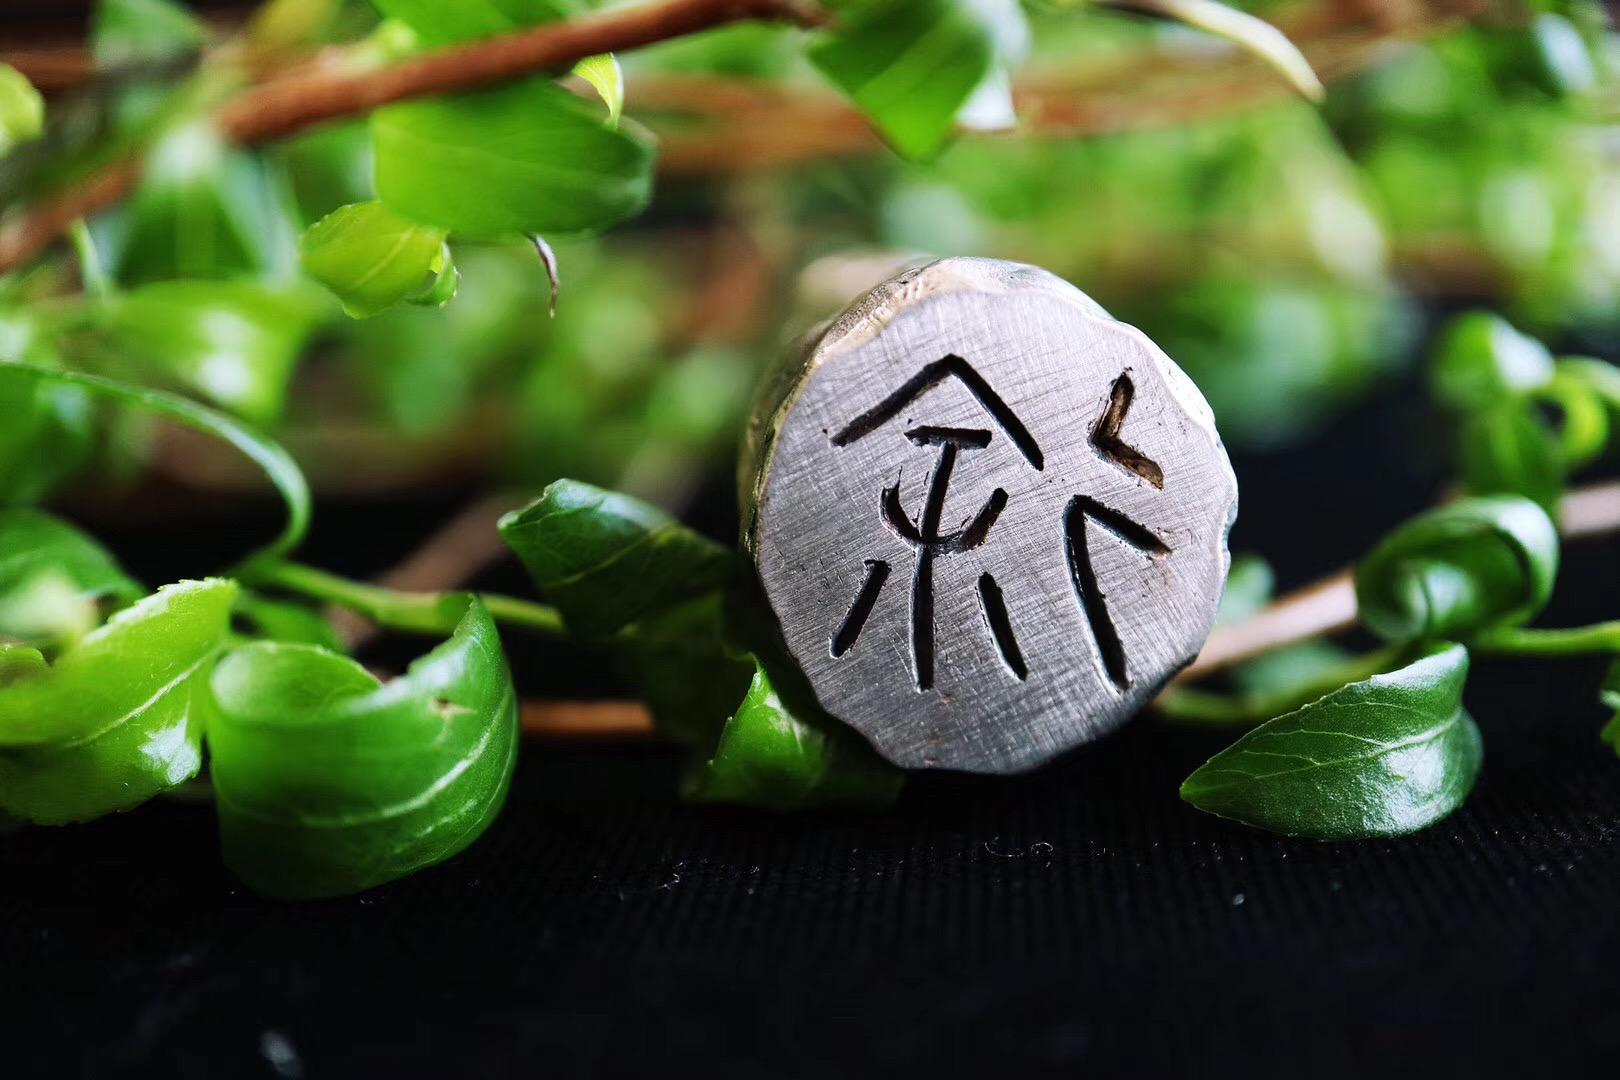 【菩心-印章定制】正好在小哥哥的生日完工了。这便是冥冥中的链接吧-菩心晶舍